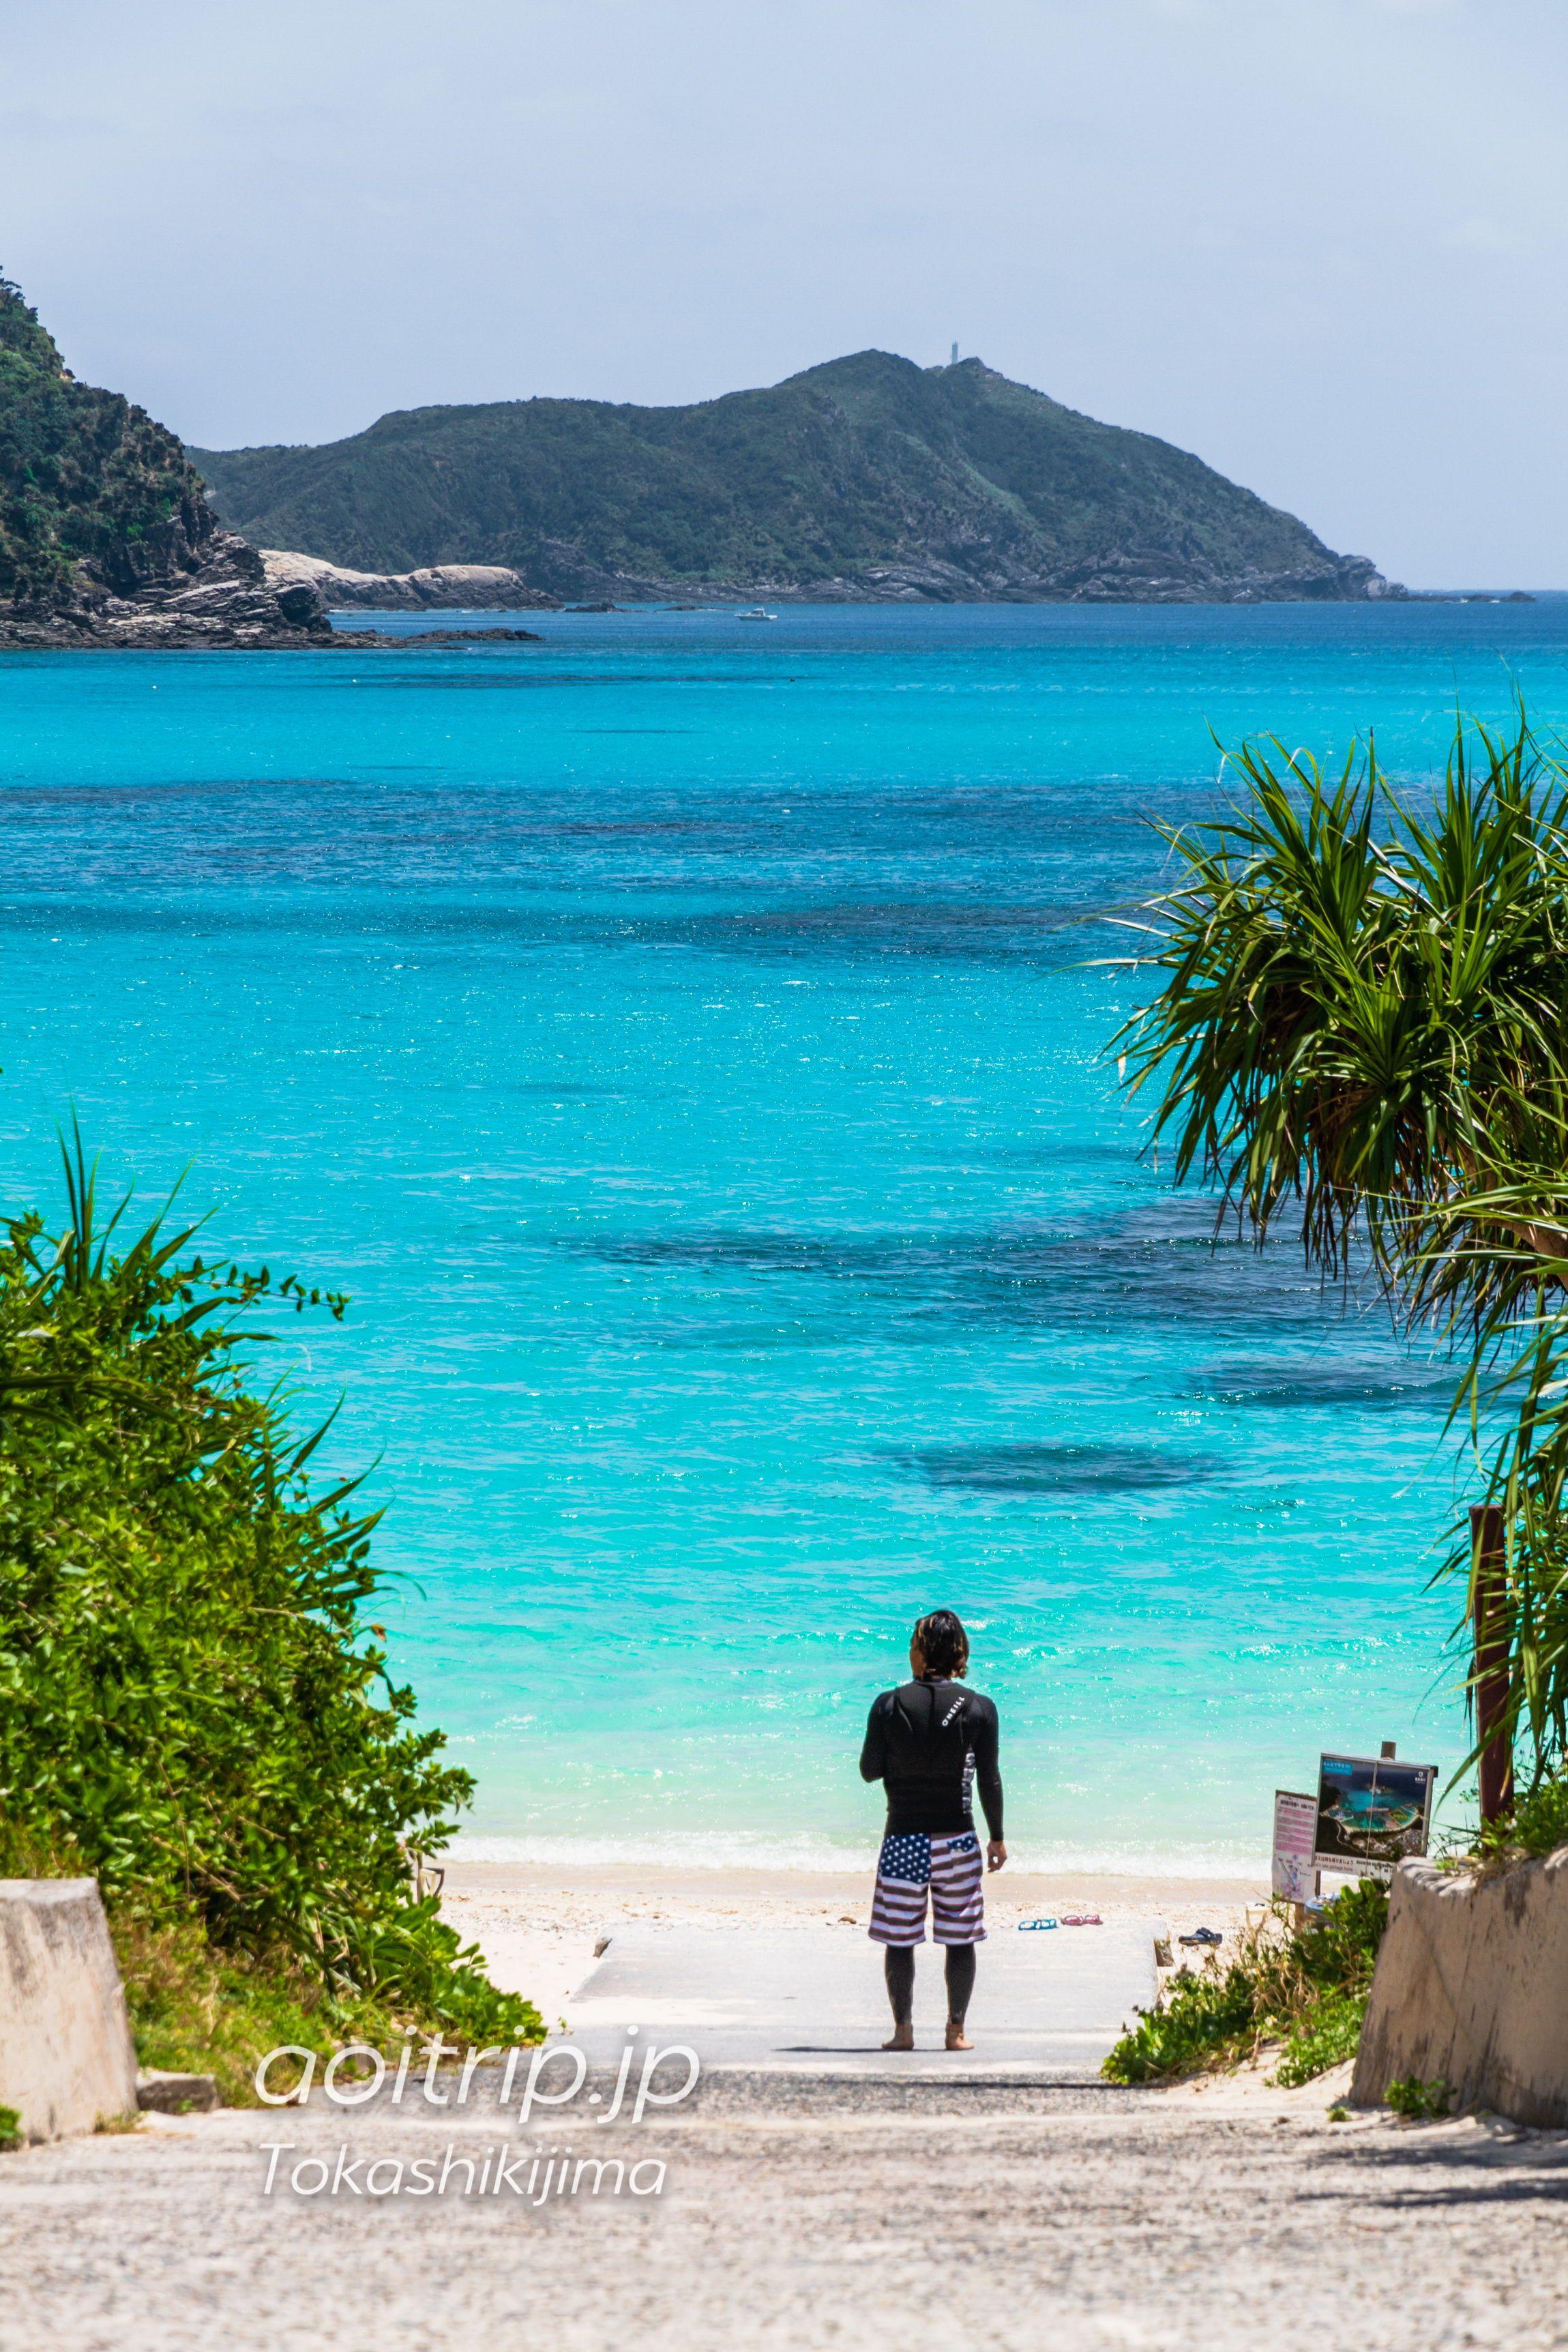 阿波連ビーチ 渡嘉敷島 旅行 旅行のインスピレーション 美しい風景